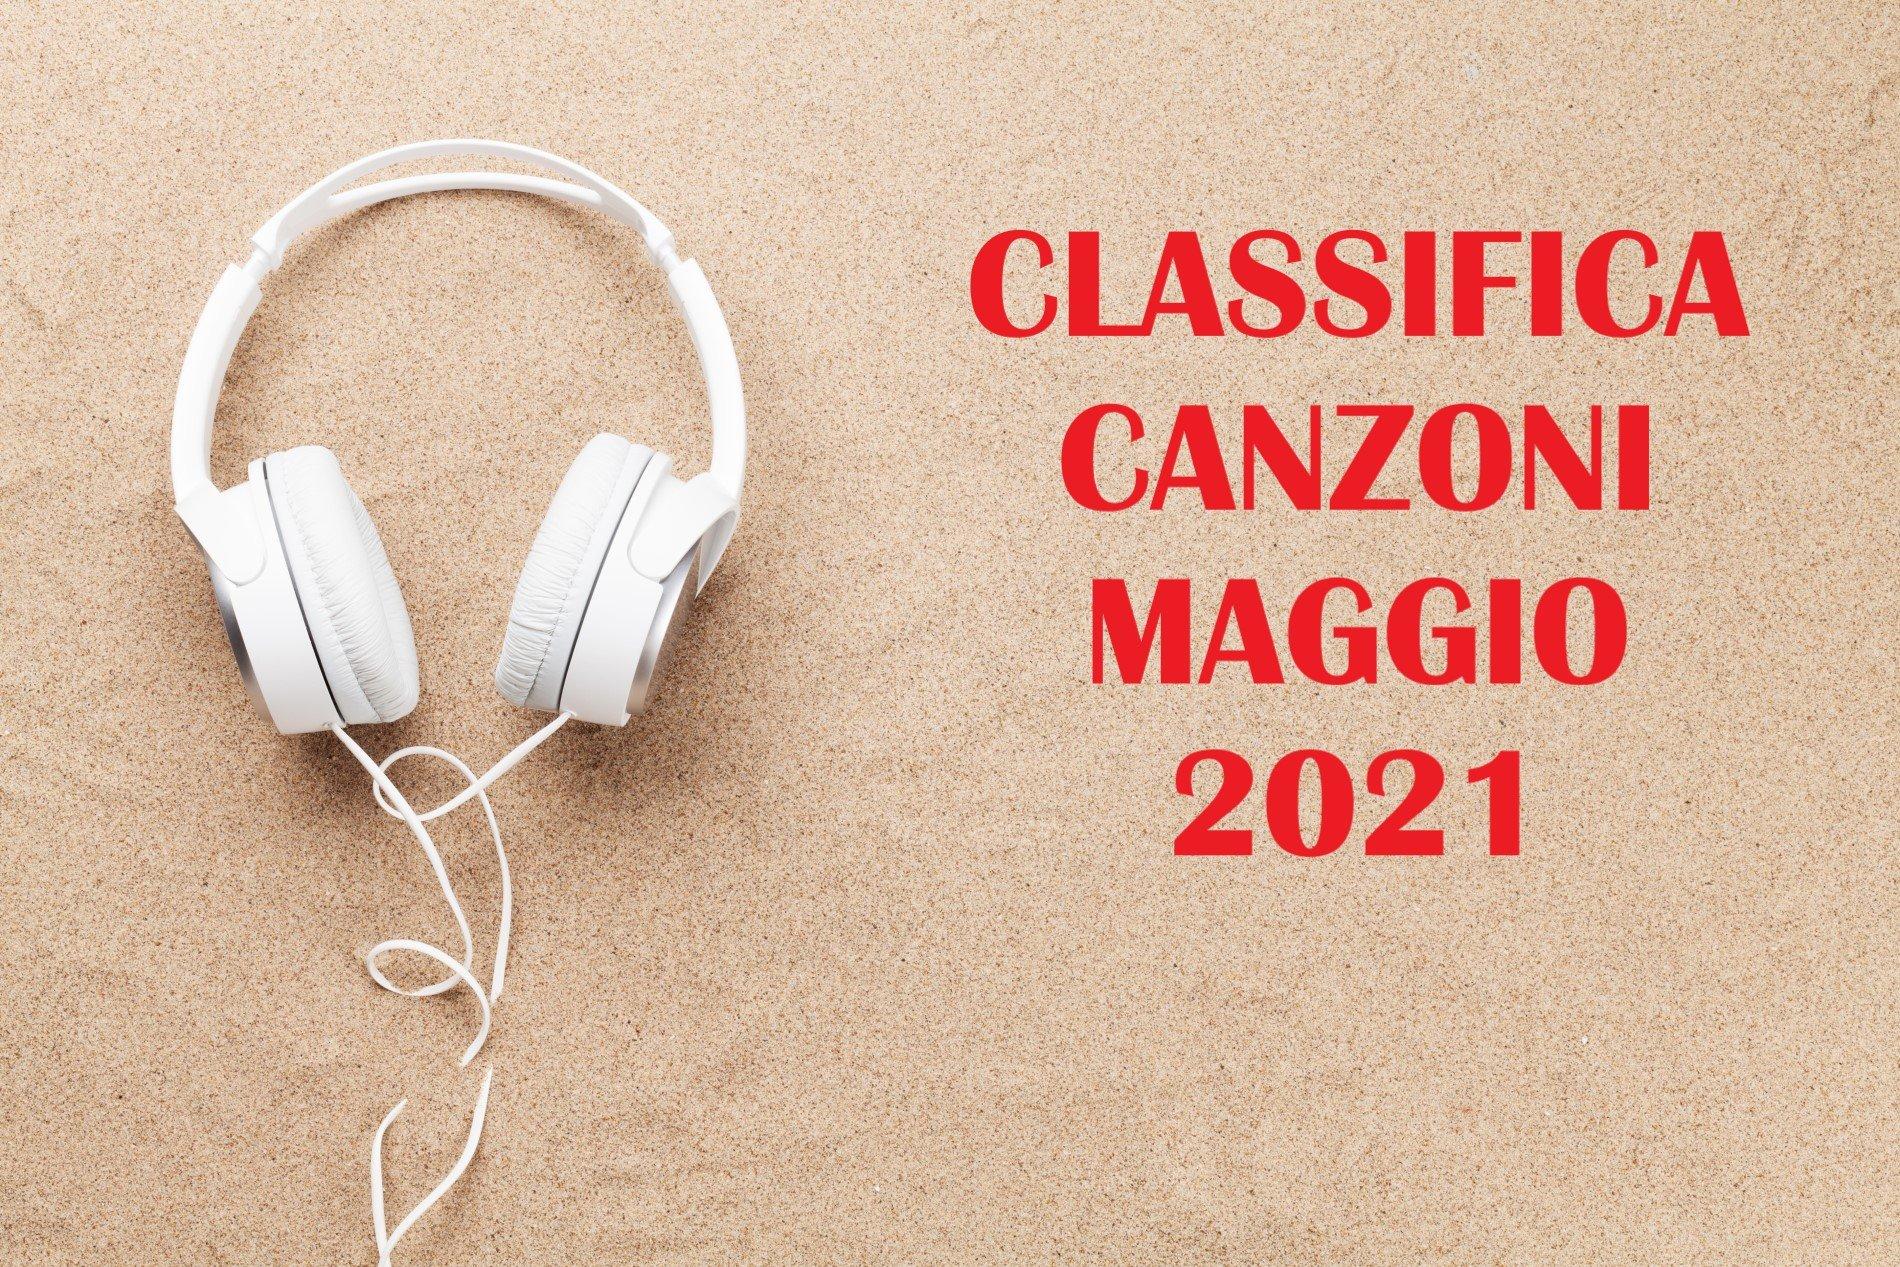 CLASSIFICA CANZONI MAGGIO 2021